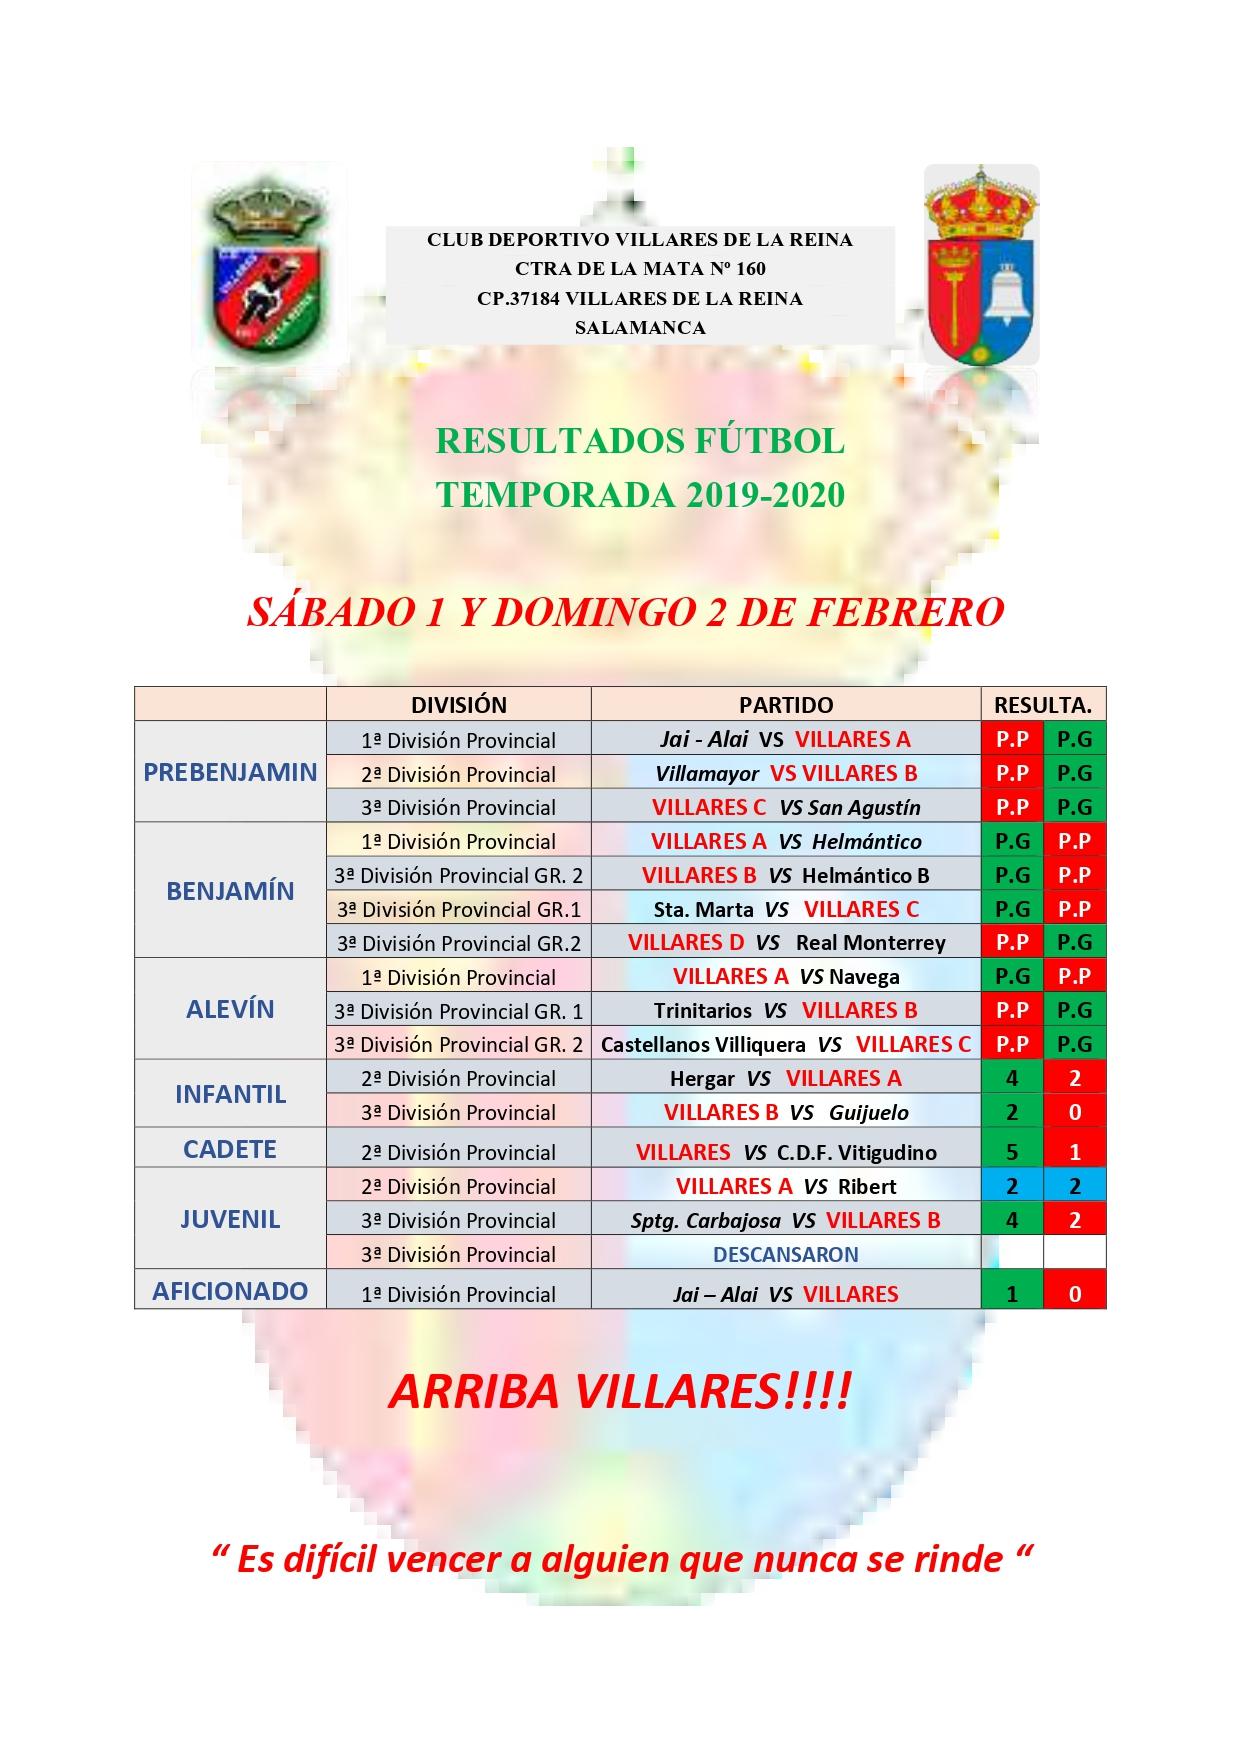 RESULTADOS S�BADO 1 Y DOMINGO 2 DE FEBRERO 2020